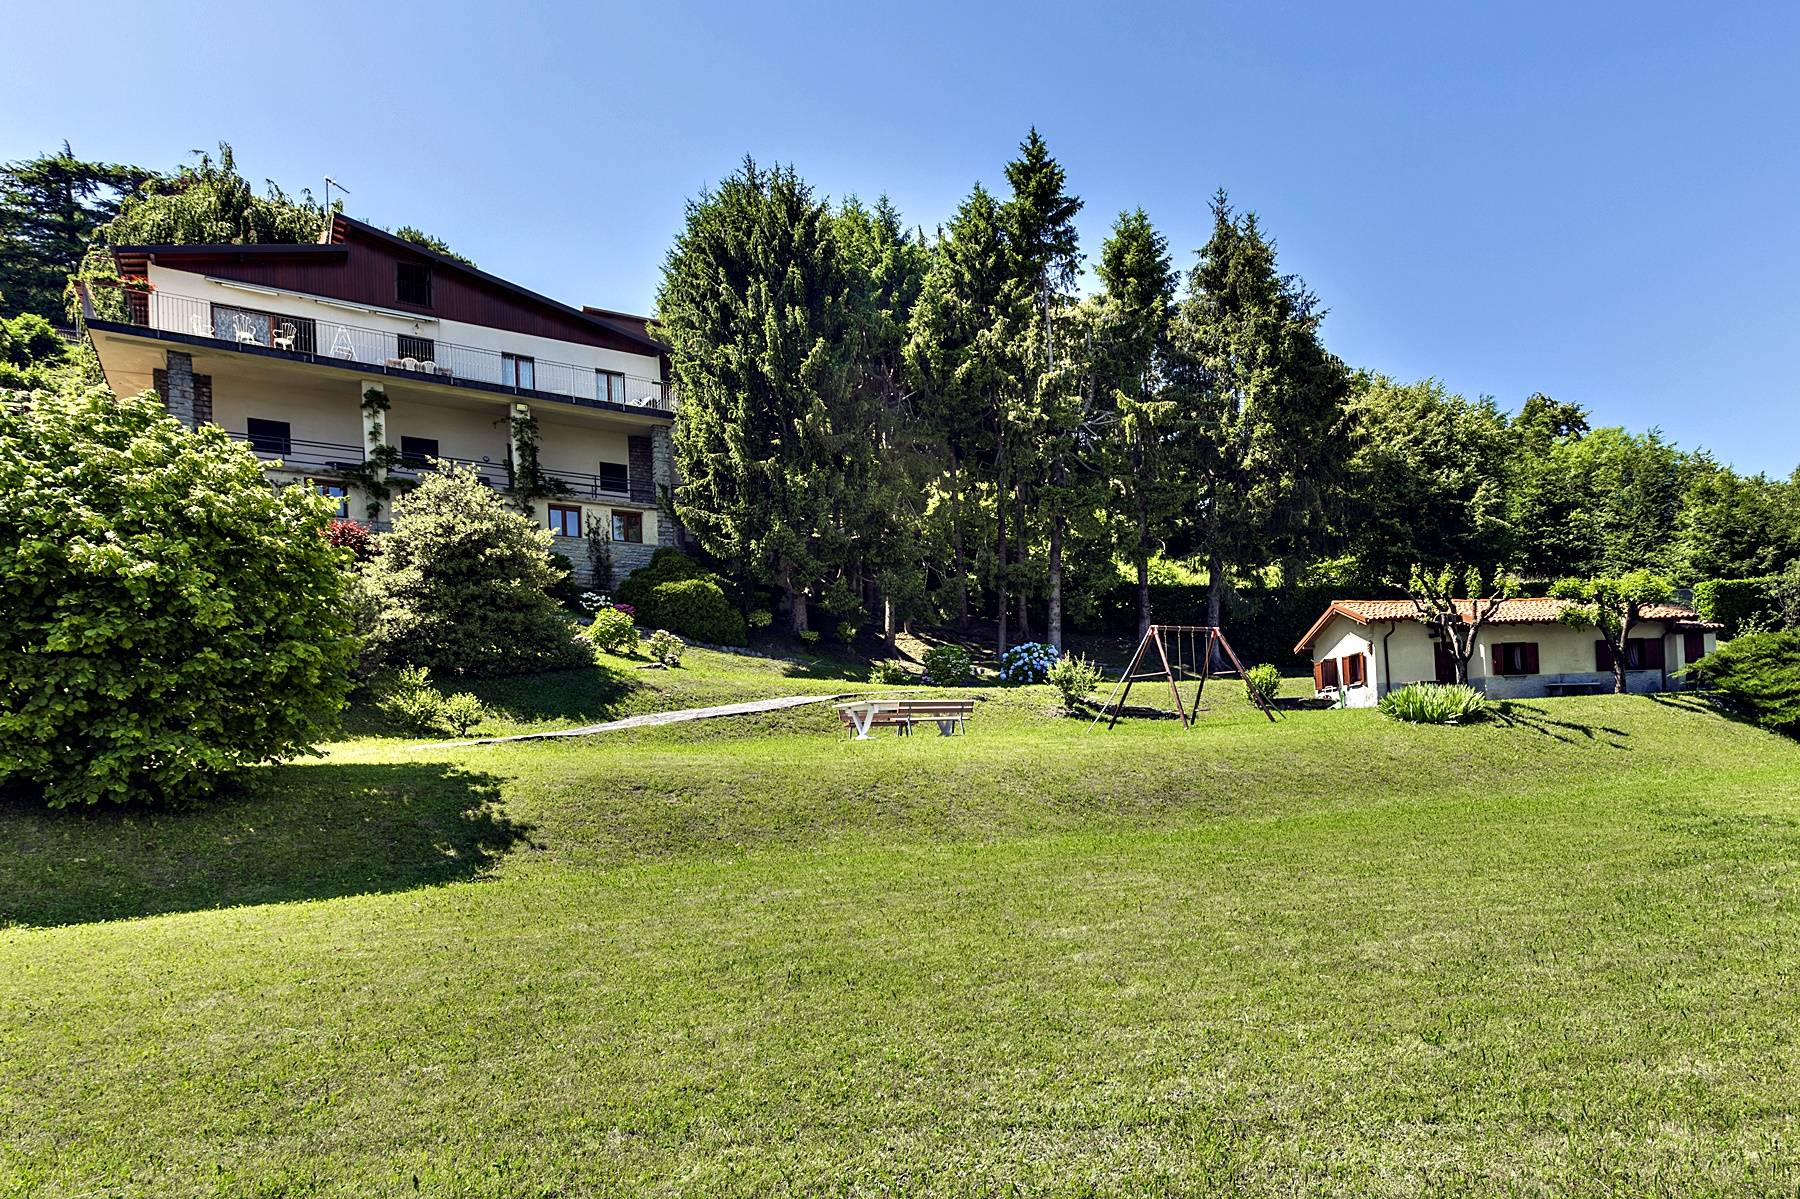 Villa in Vendita a Civenna: 5 locali, 278 mq - Foto 7